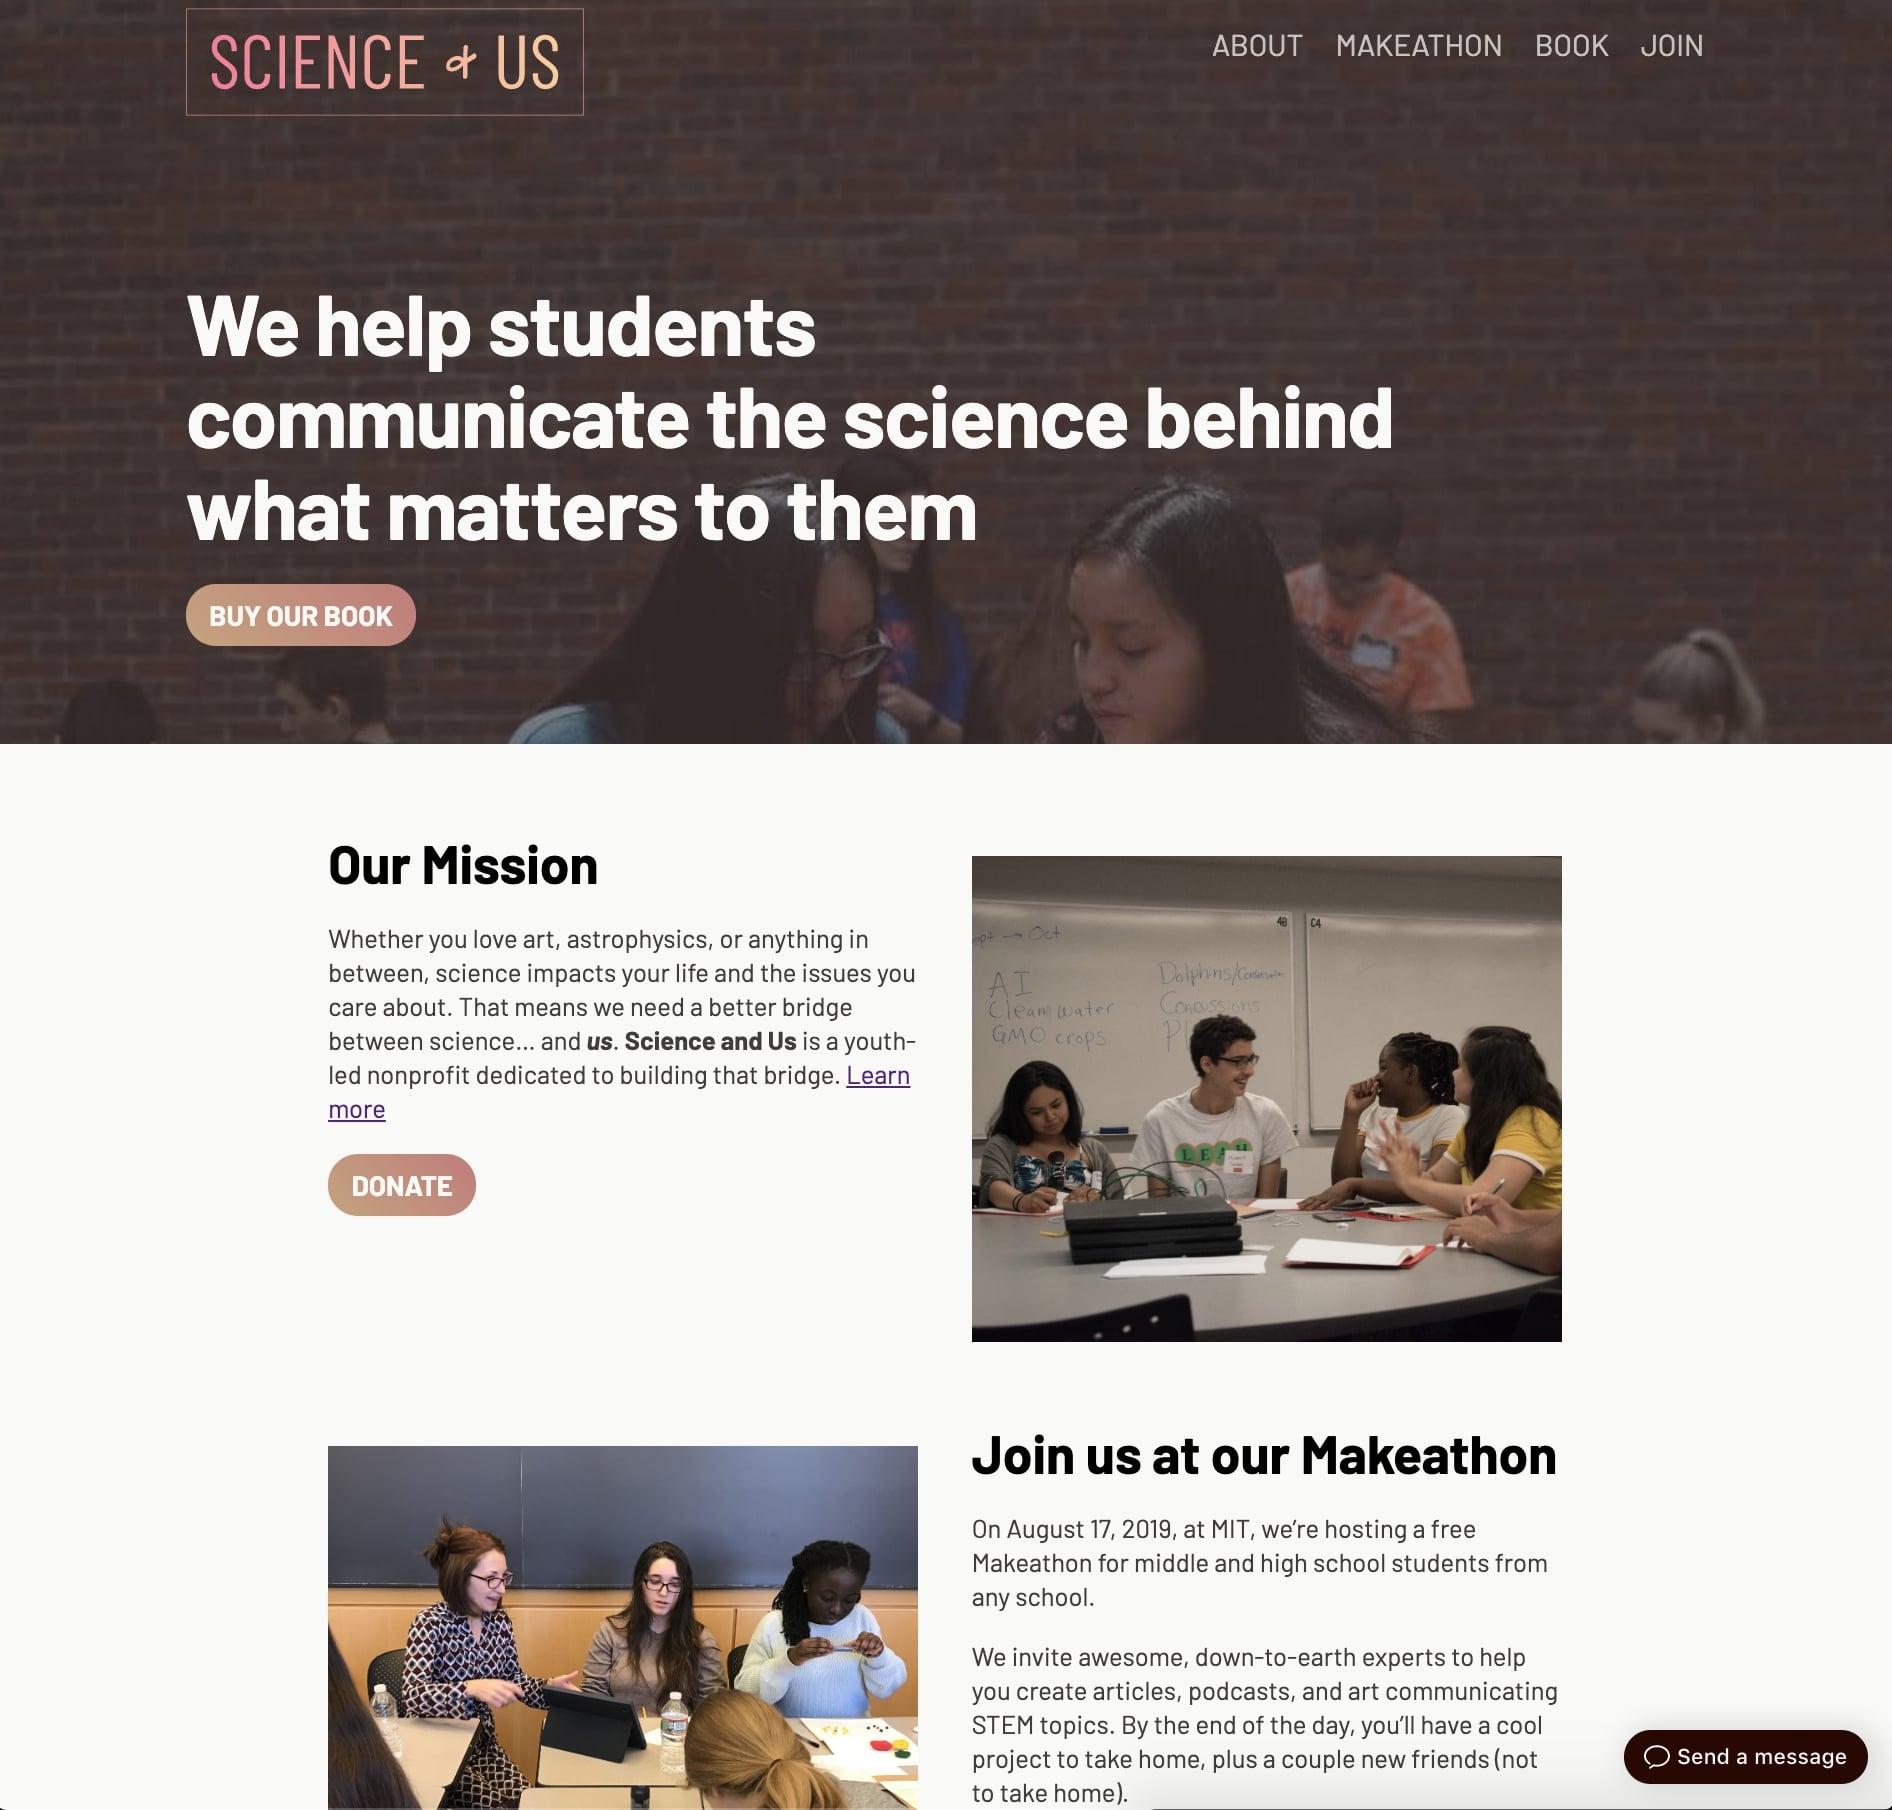 Science and Us scienceandus.org